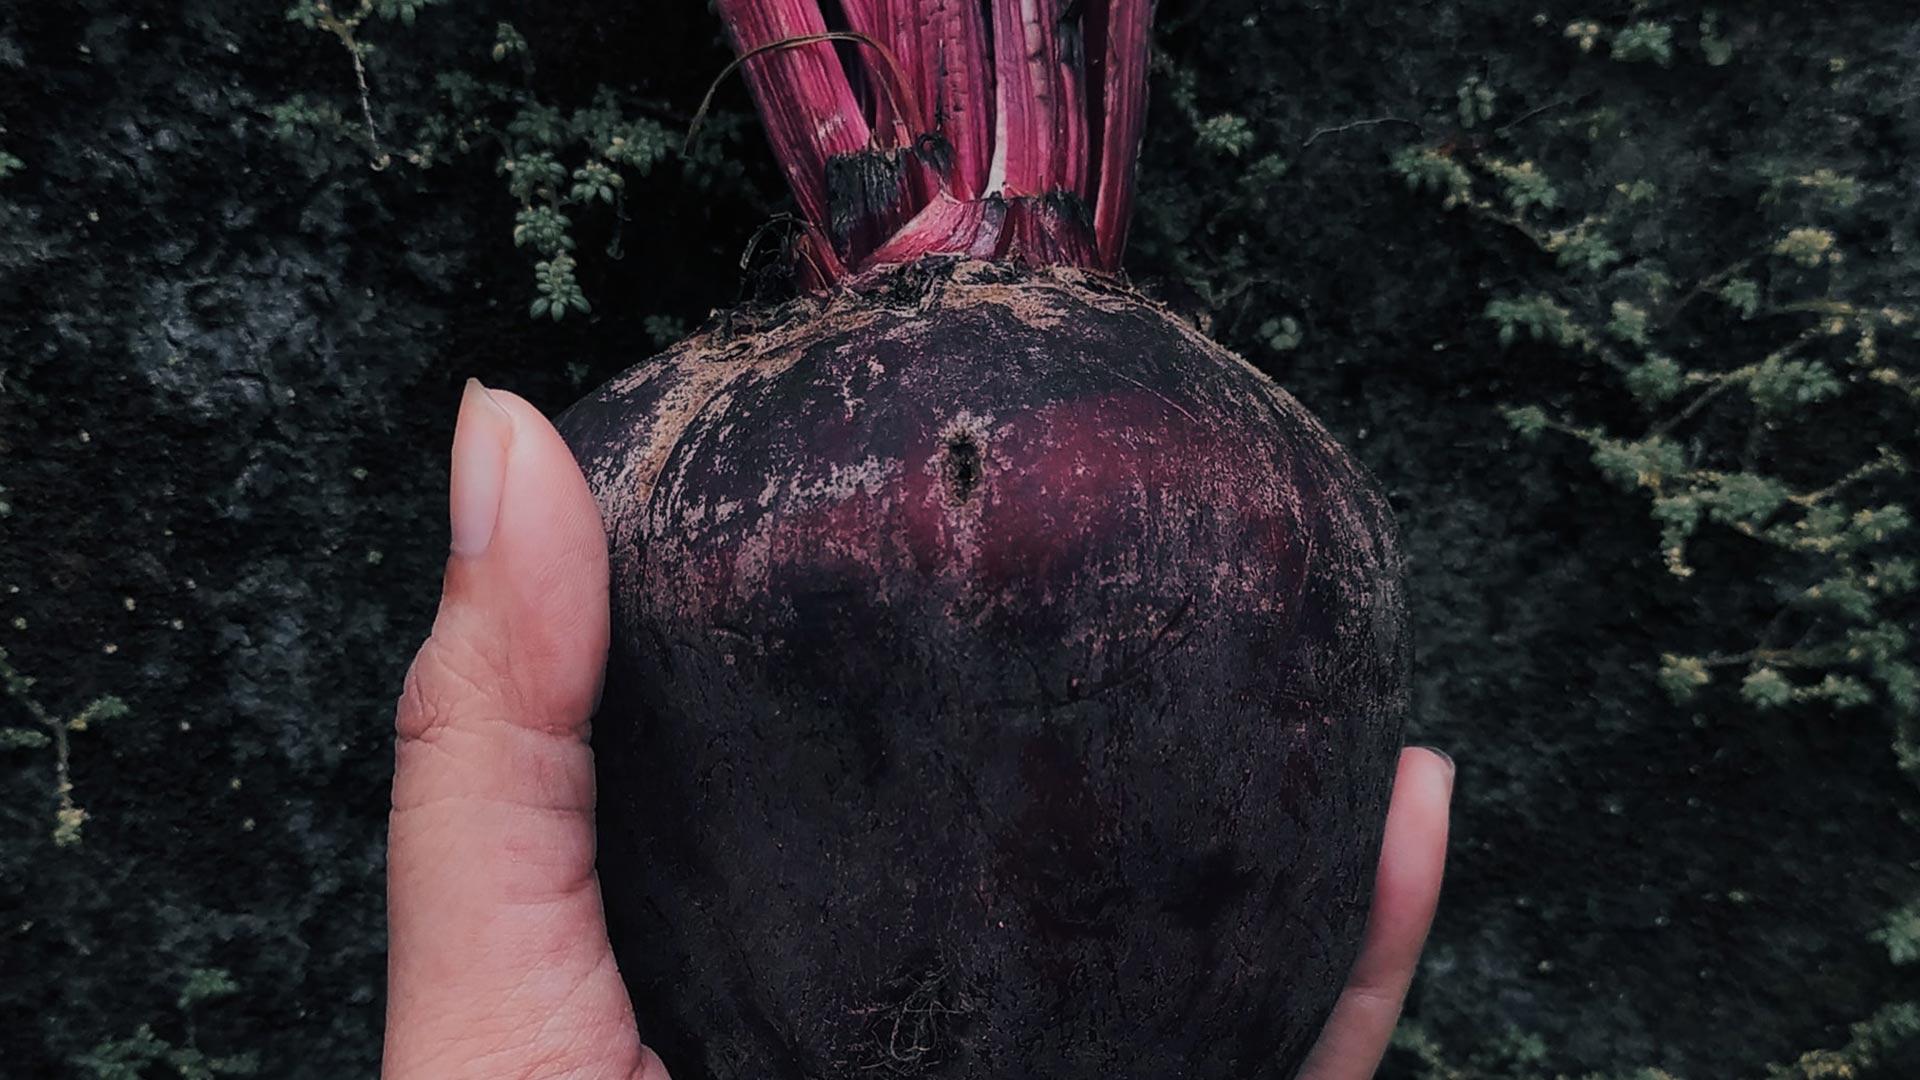 Die Steckrübe - Eine Nutzpflanze für Anfänger einfach desmondo garten